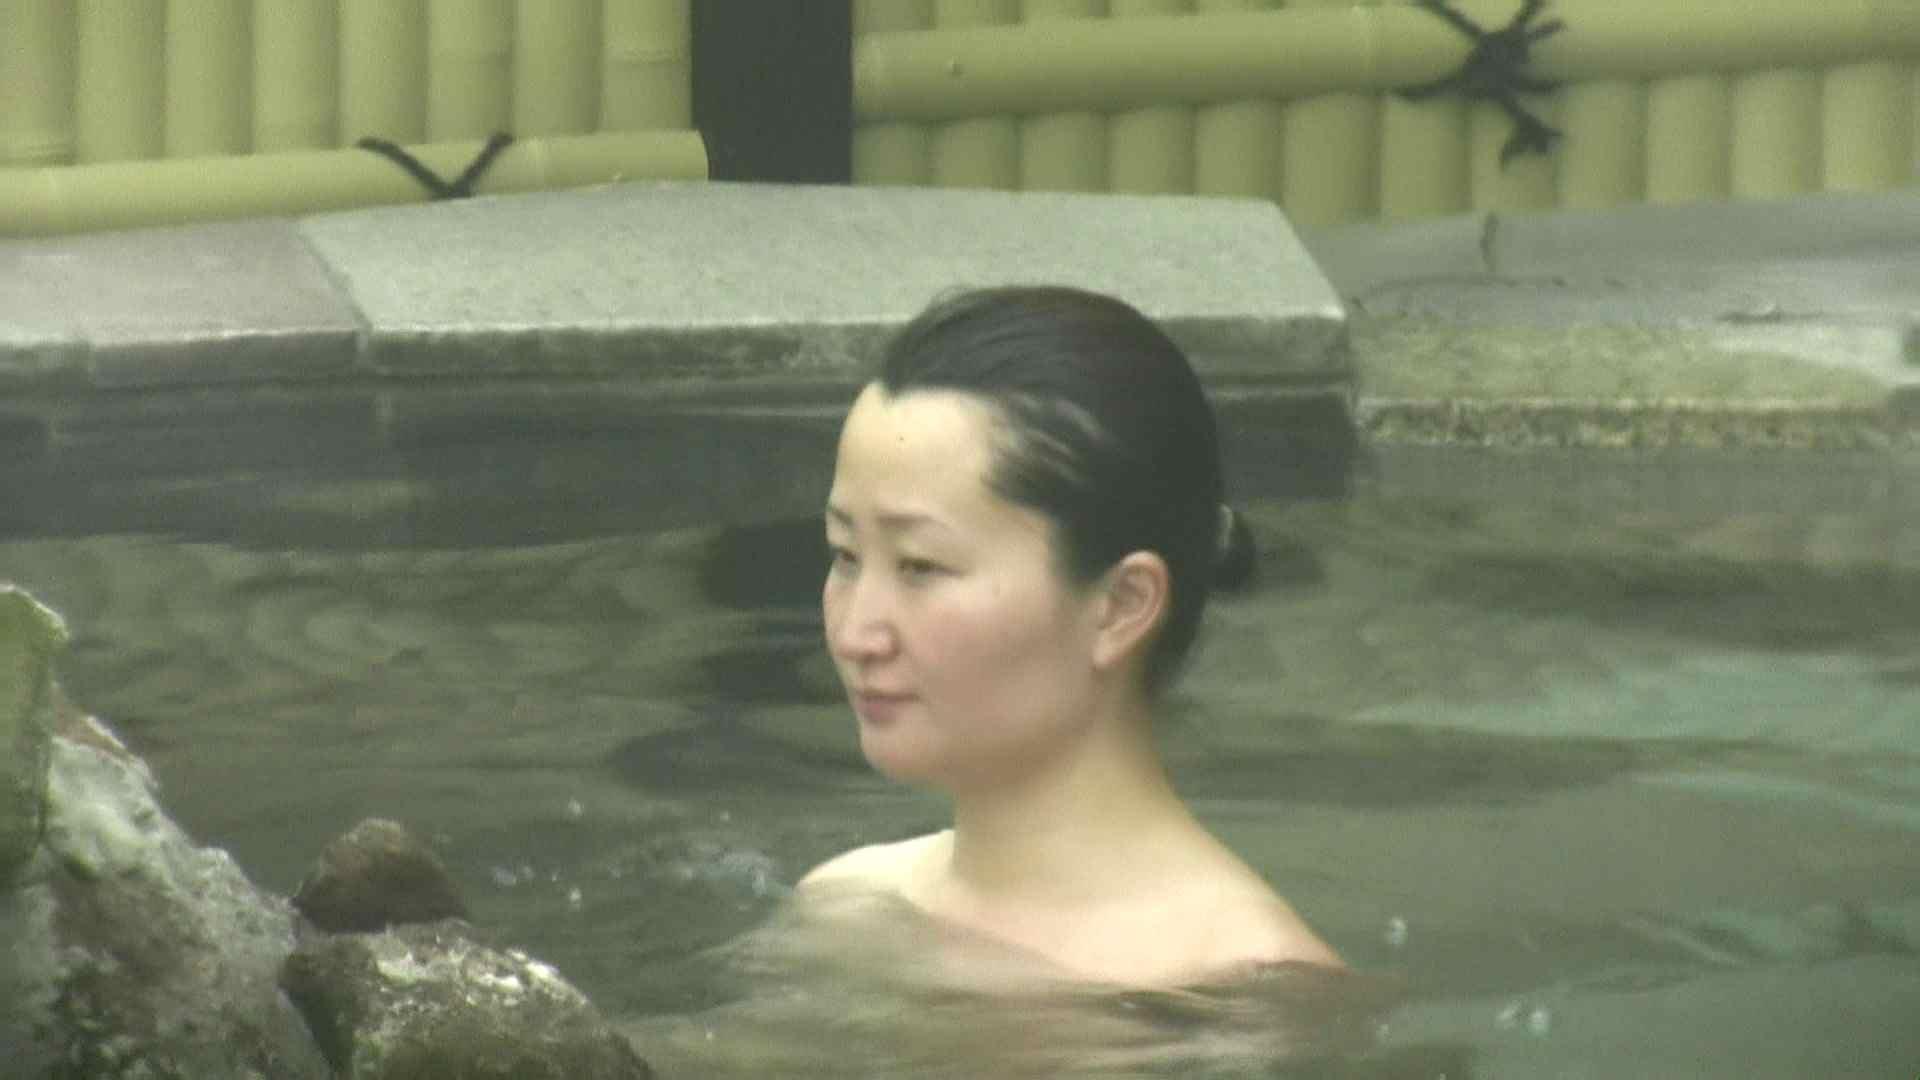 Aquaな露天風呂Vol.632 盗撮シリーズ  100PIX 28